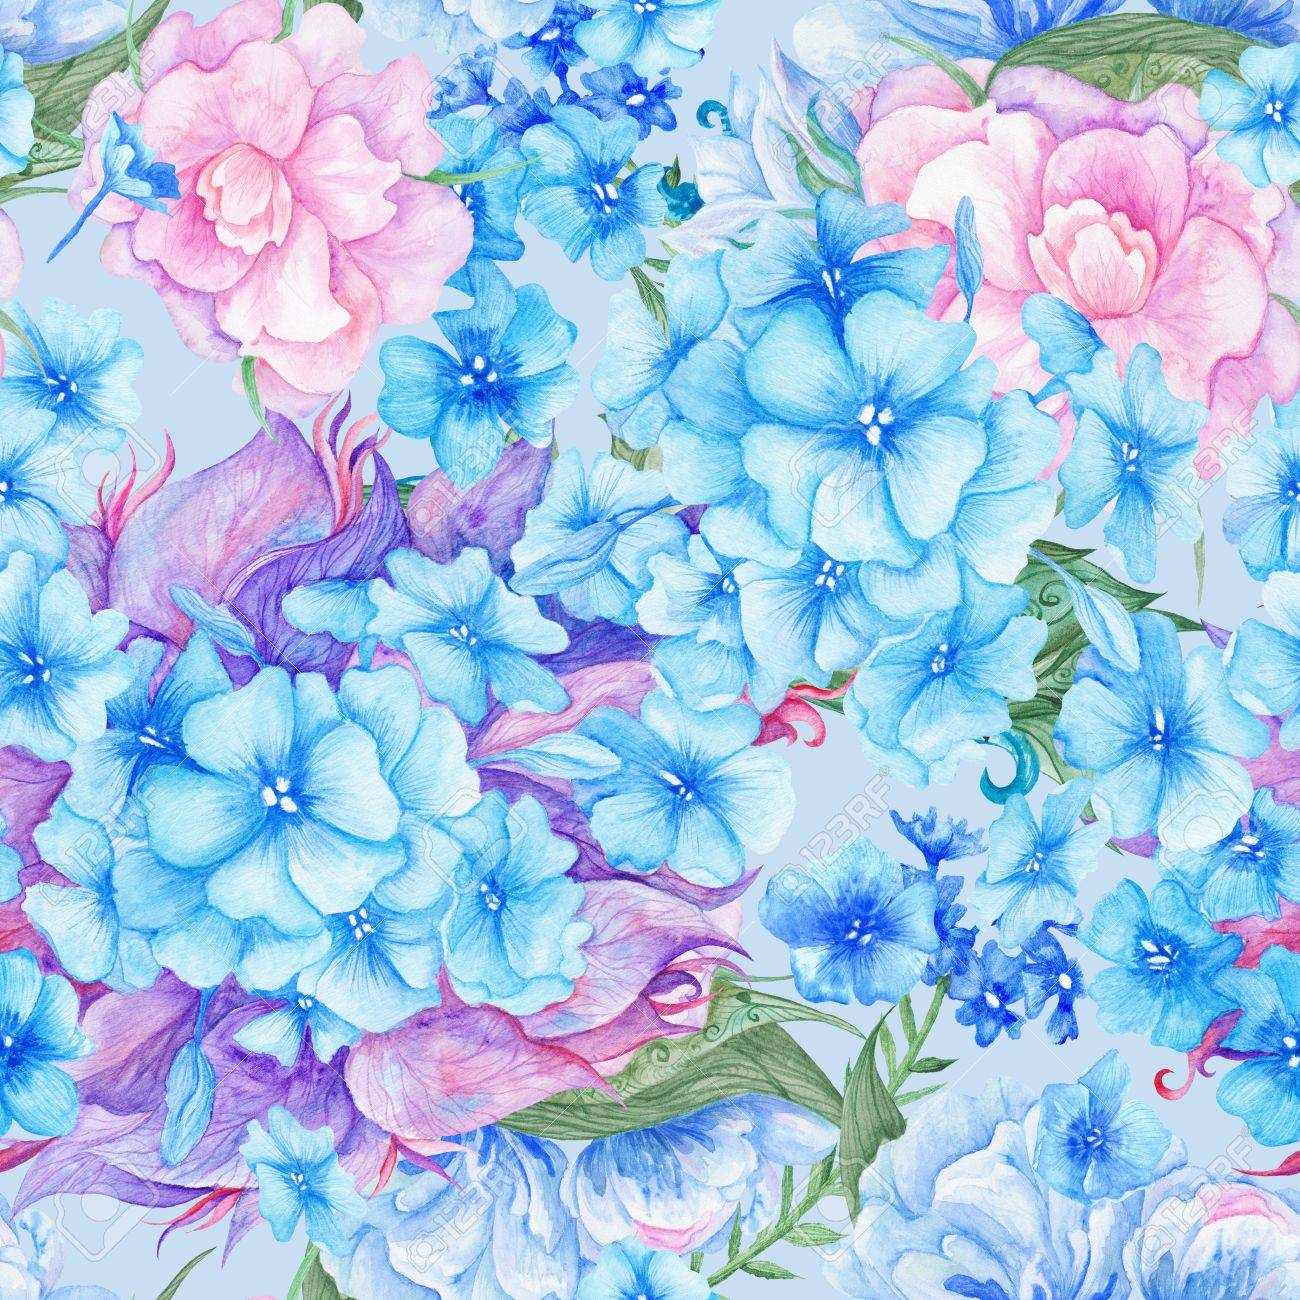 結婚式 壁紙 テキスタイル デザイン青とピンクの紫陽花と牡丹の水彩